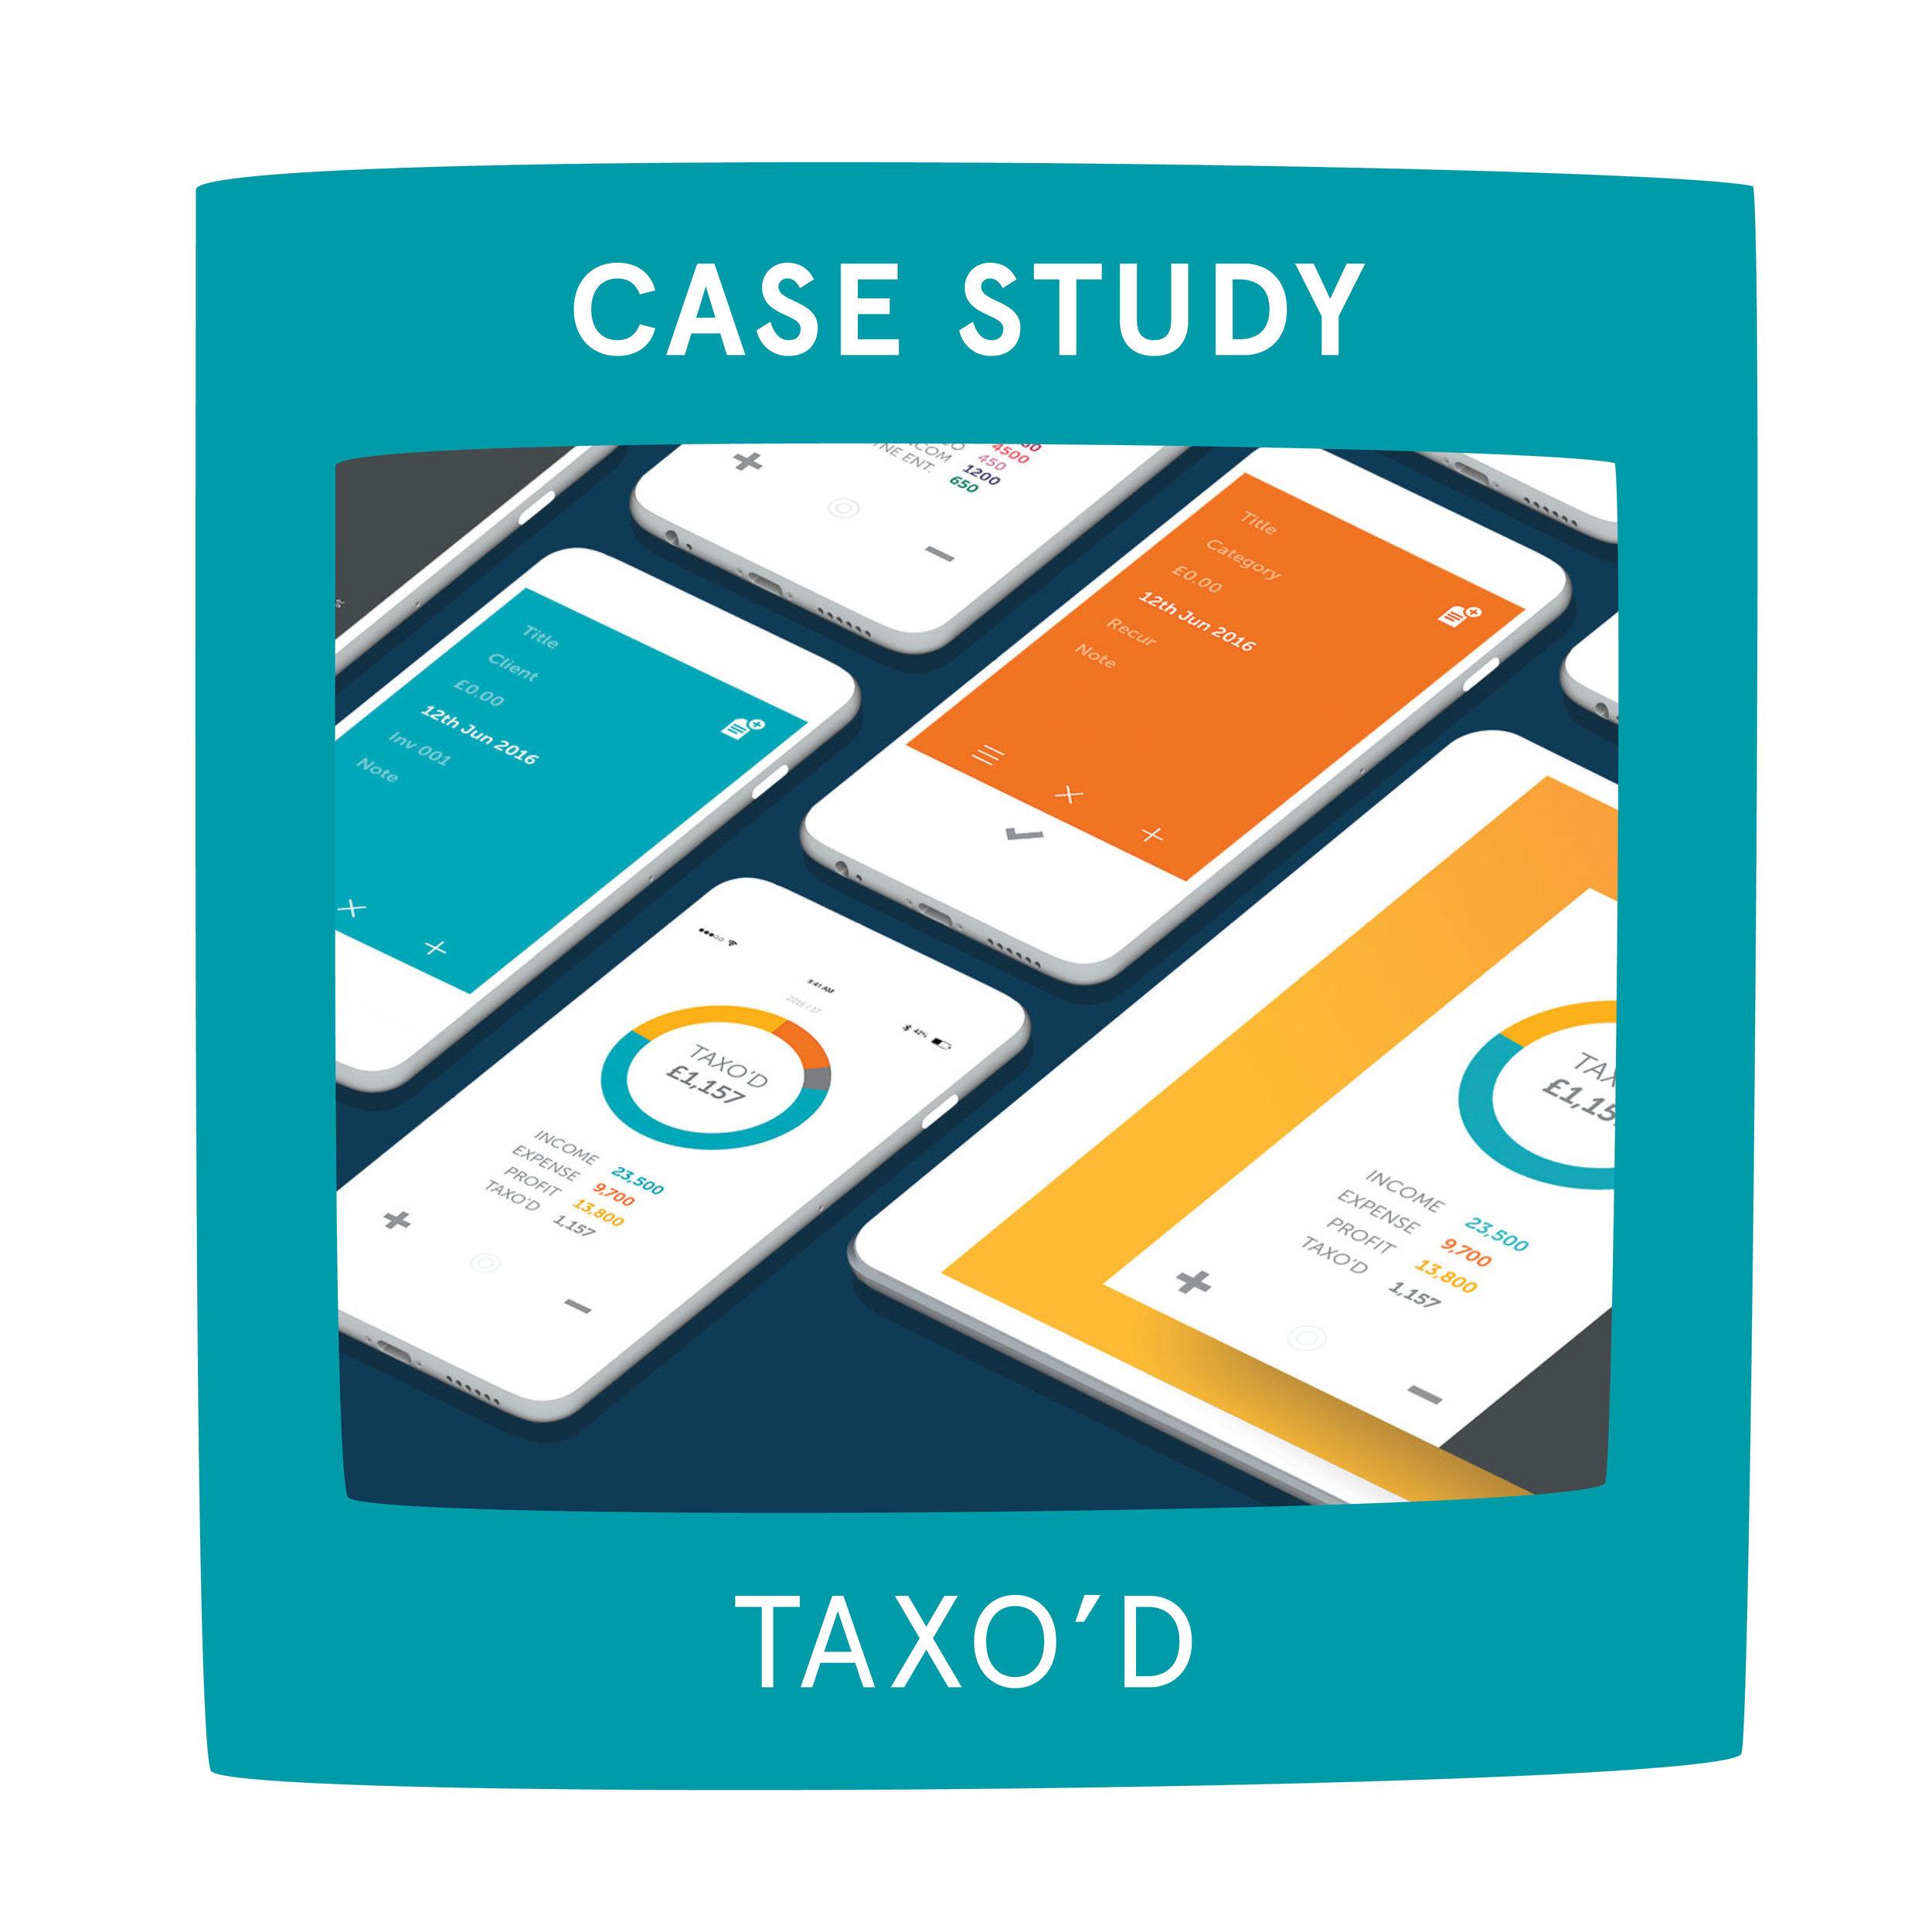 Case study_taxo'd.jpg